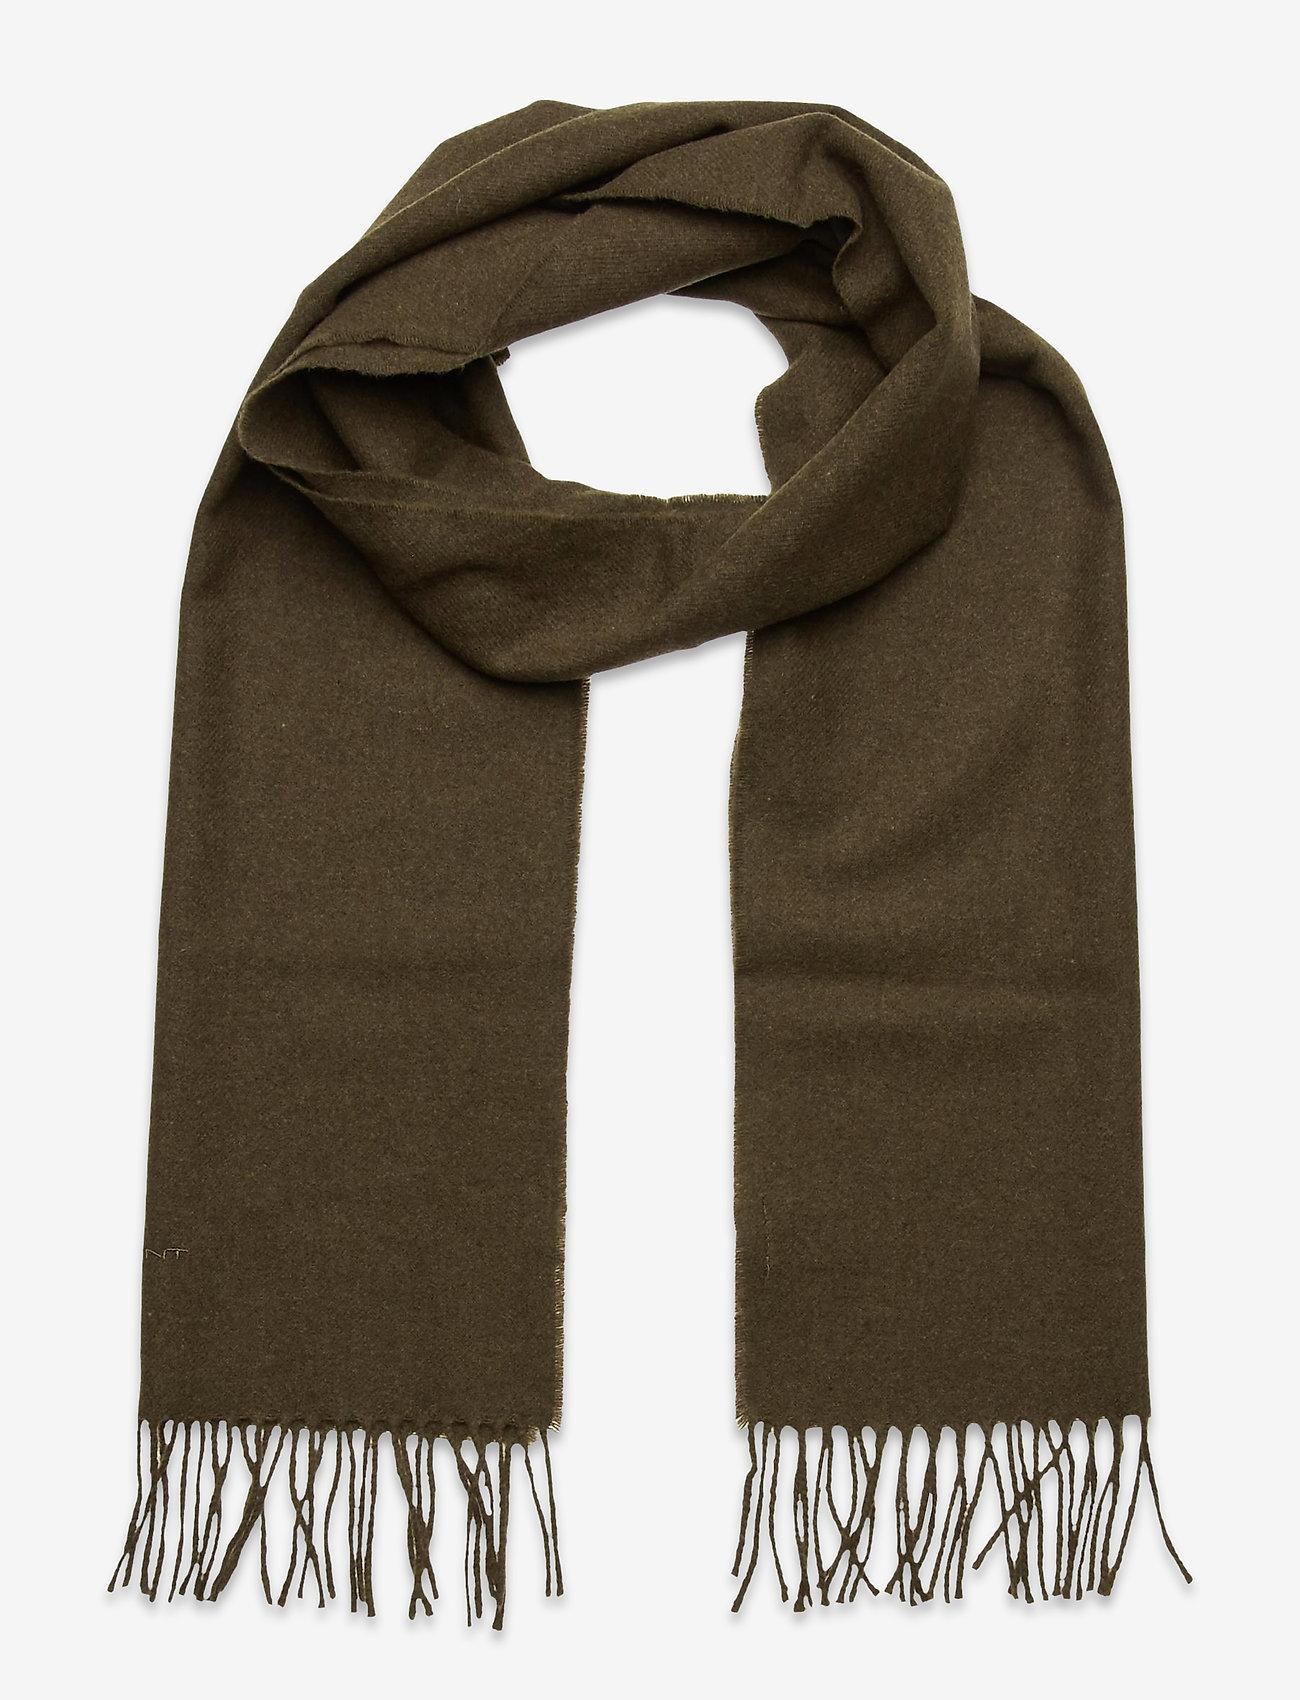 GANT - SOLID WOOL SCARF - scarves - dark cactus - 0